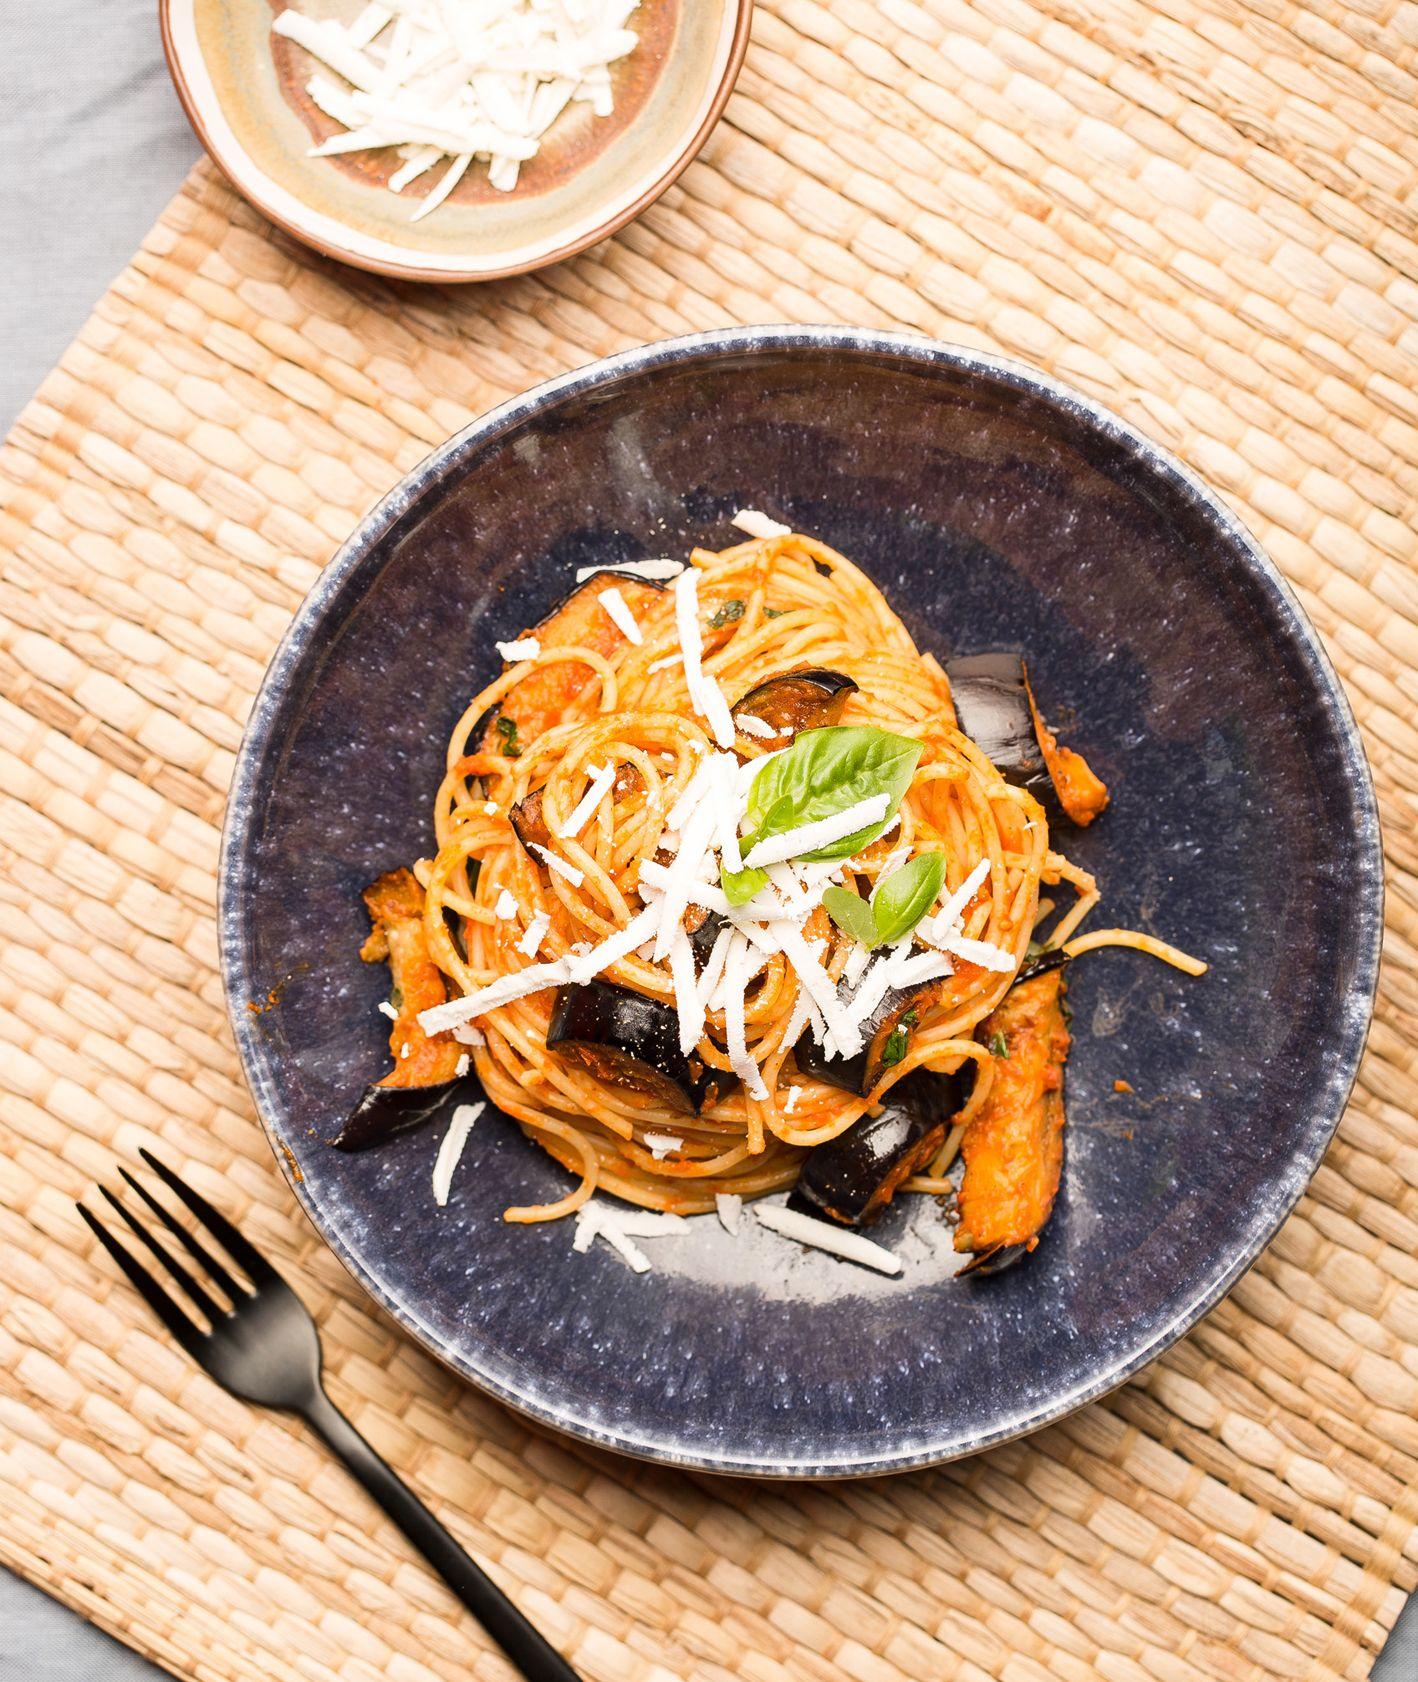 Spaghetti alla Norma, jak zrobić włoski makaron z bakłażanem (fot. dinnershow.studio)